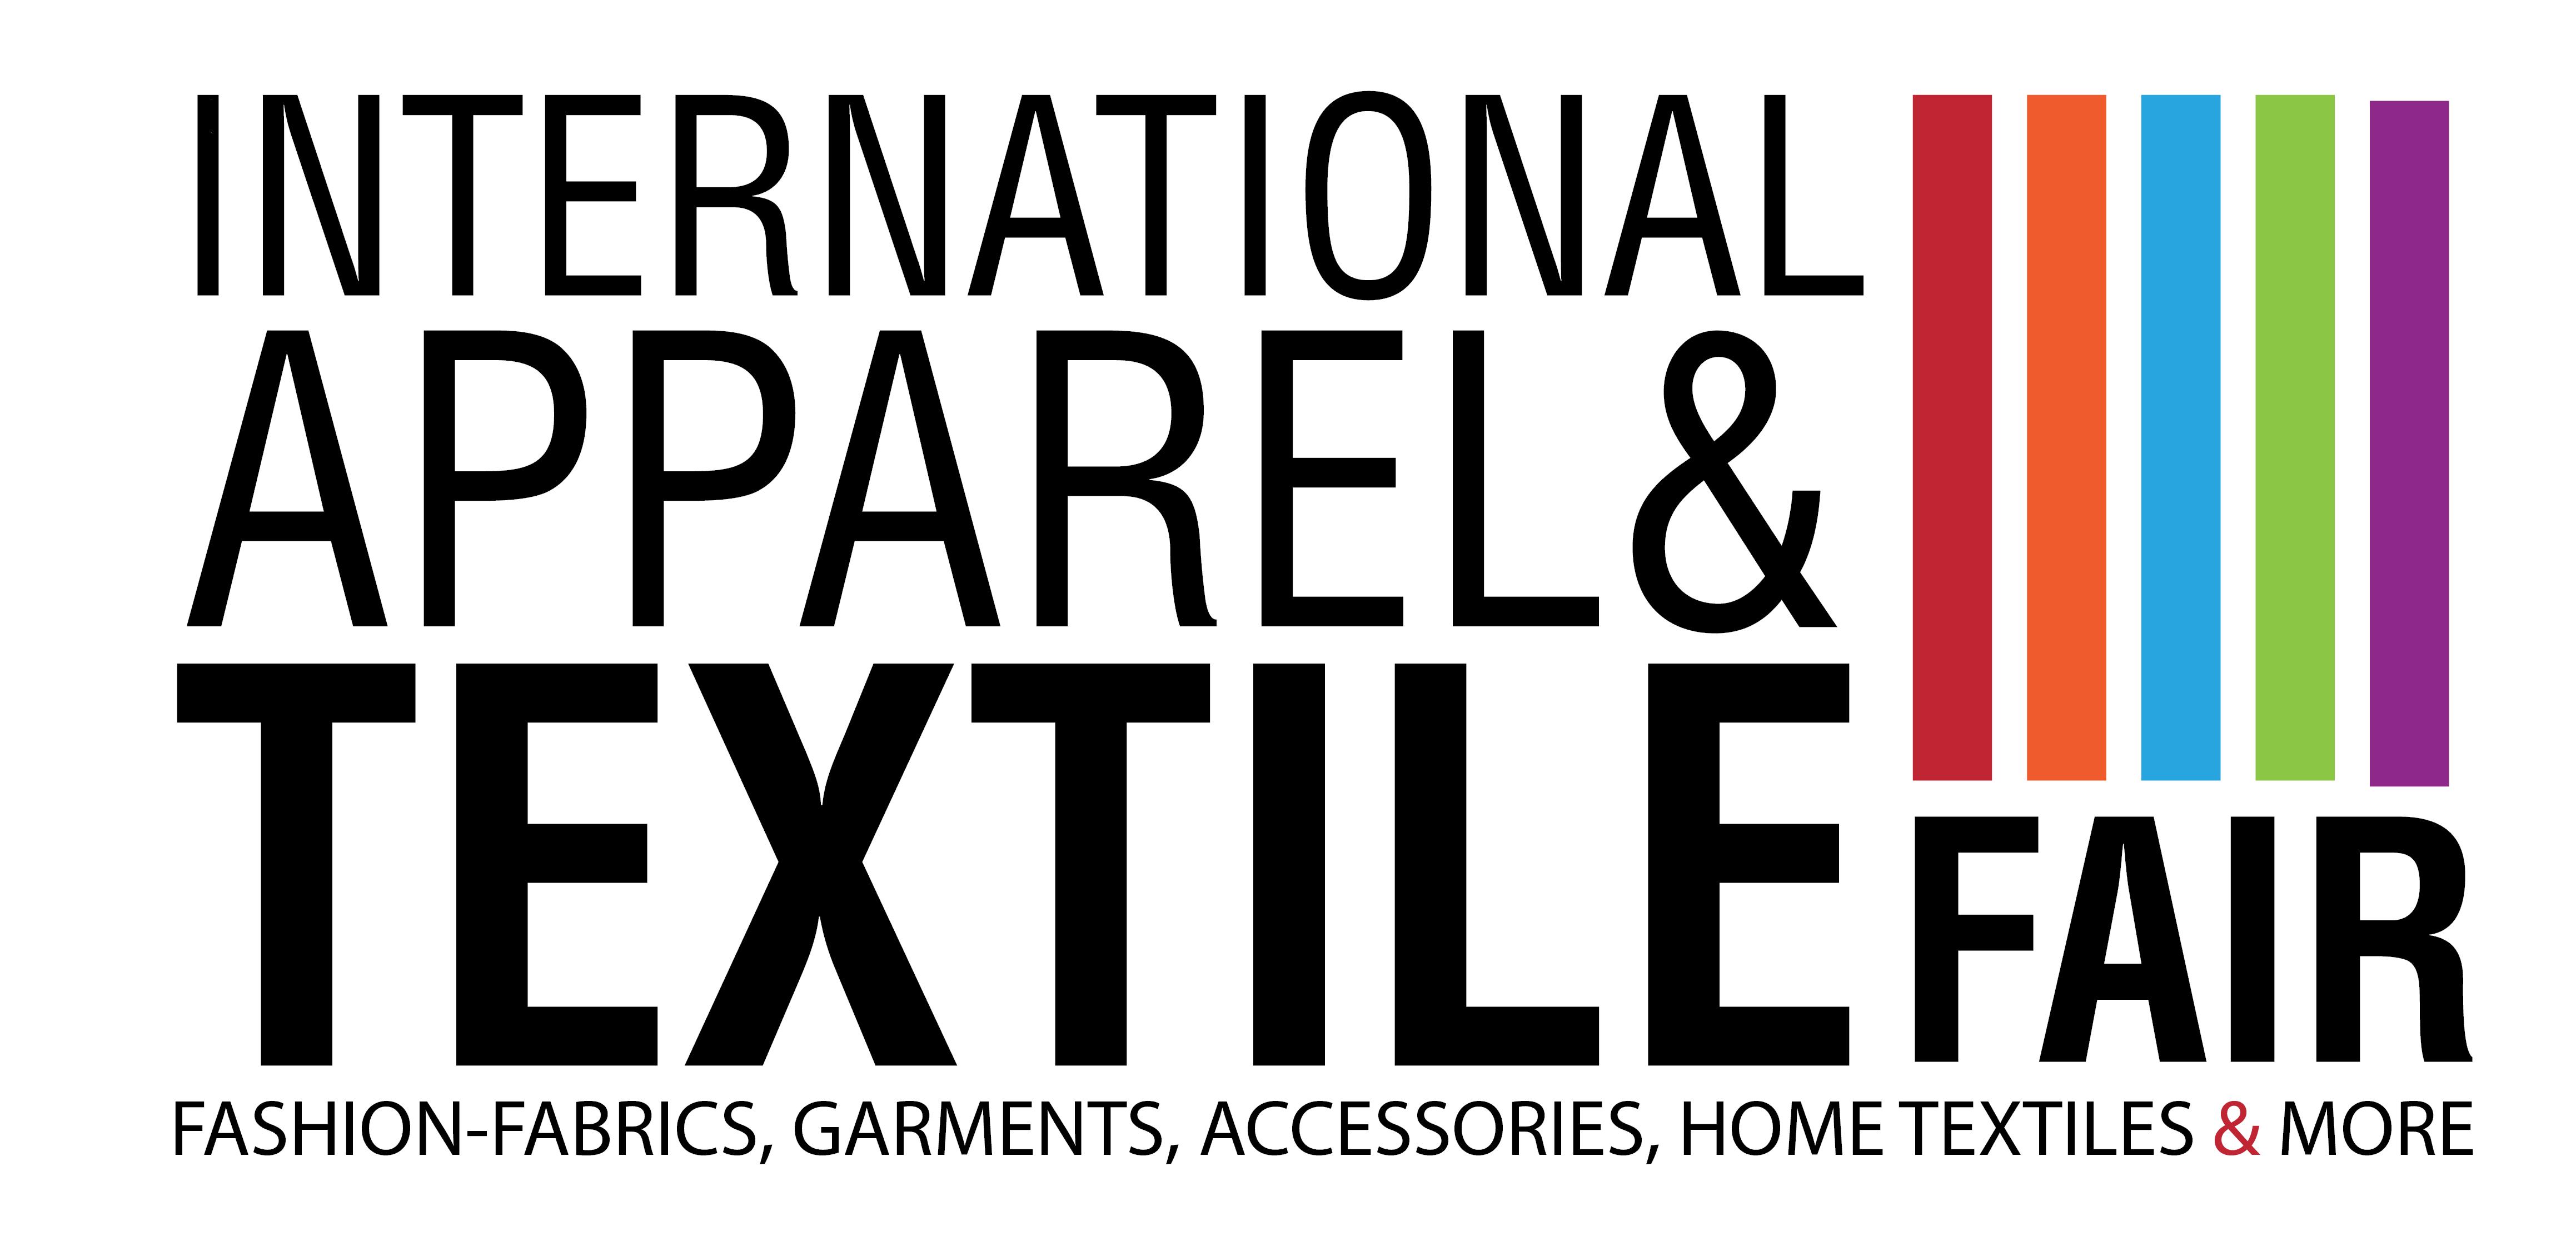 International Apparel & Textile Fair